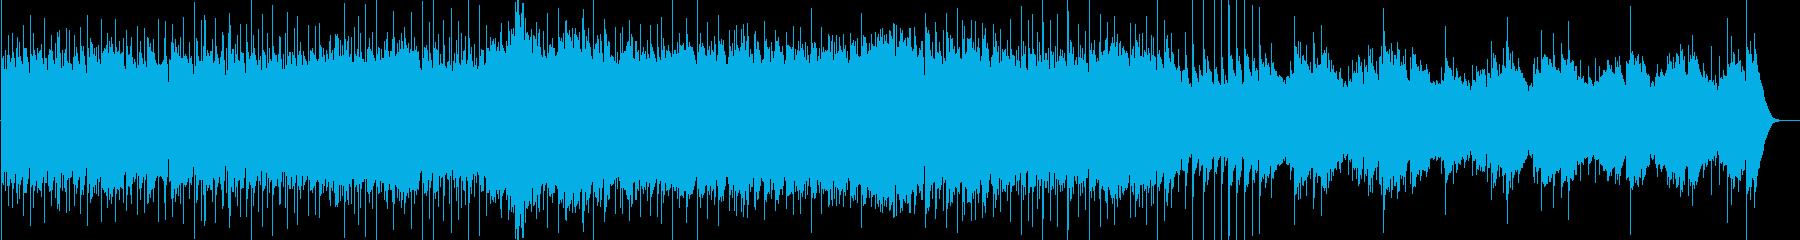 心温まるテーマ、ビブラフォン、ピア...の再生済みの波形